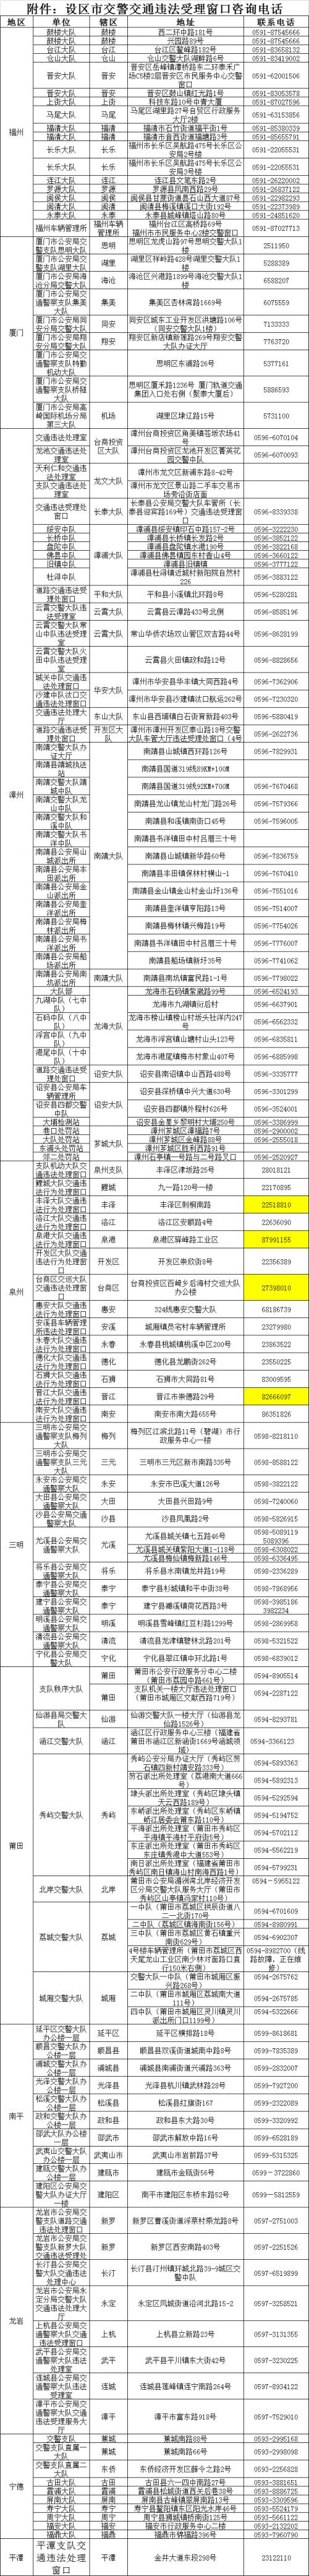 福建:暂停全省道路交通违法处理窗口业务办理